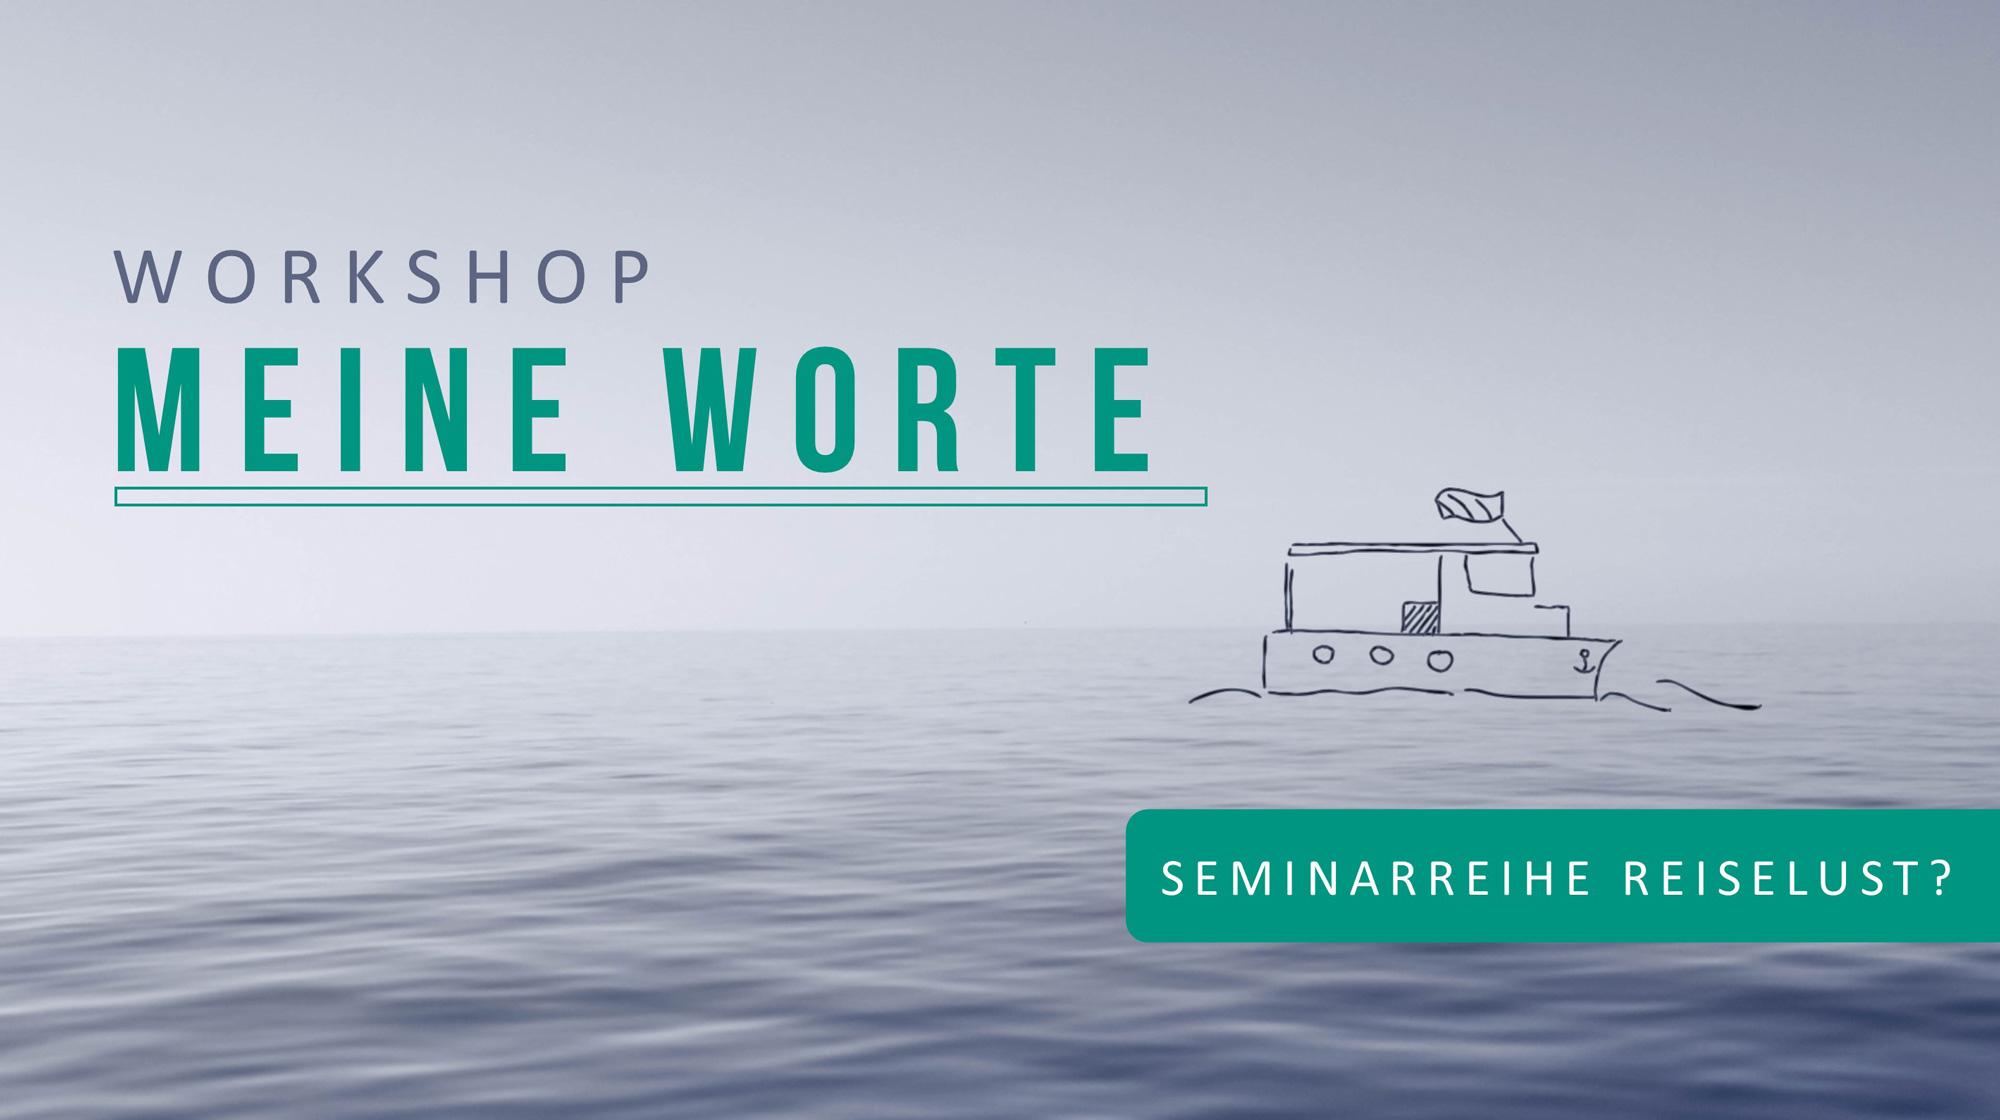 Workshop MEINE WORTE